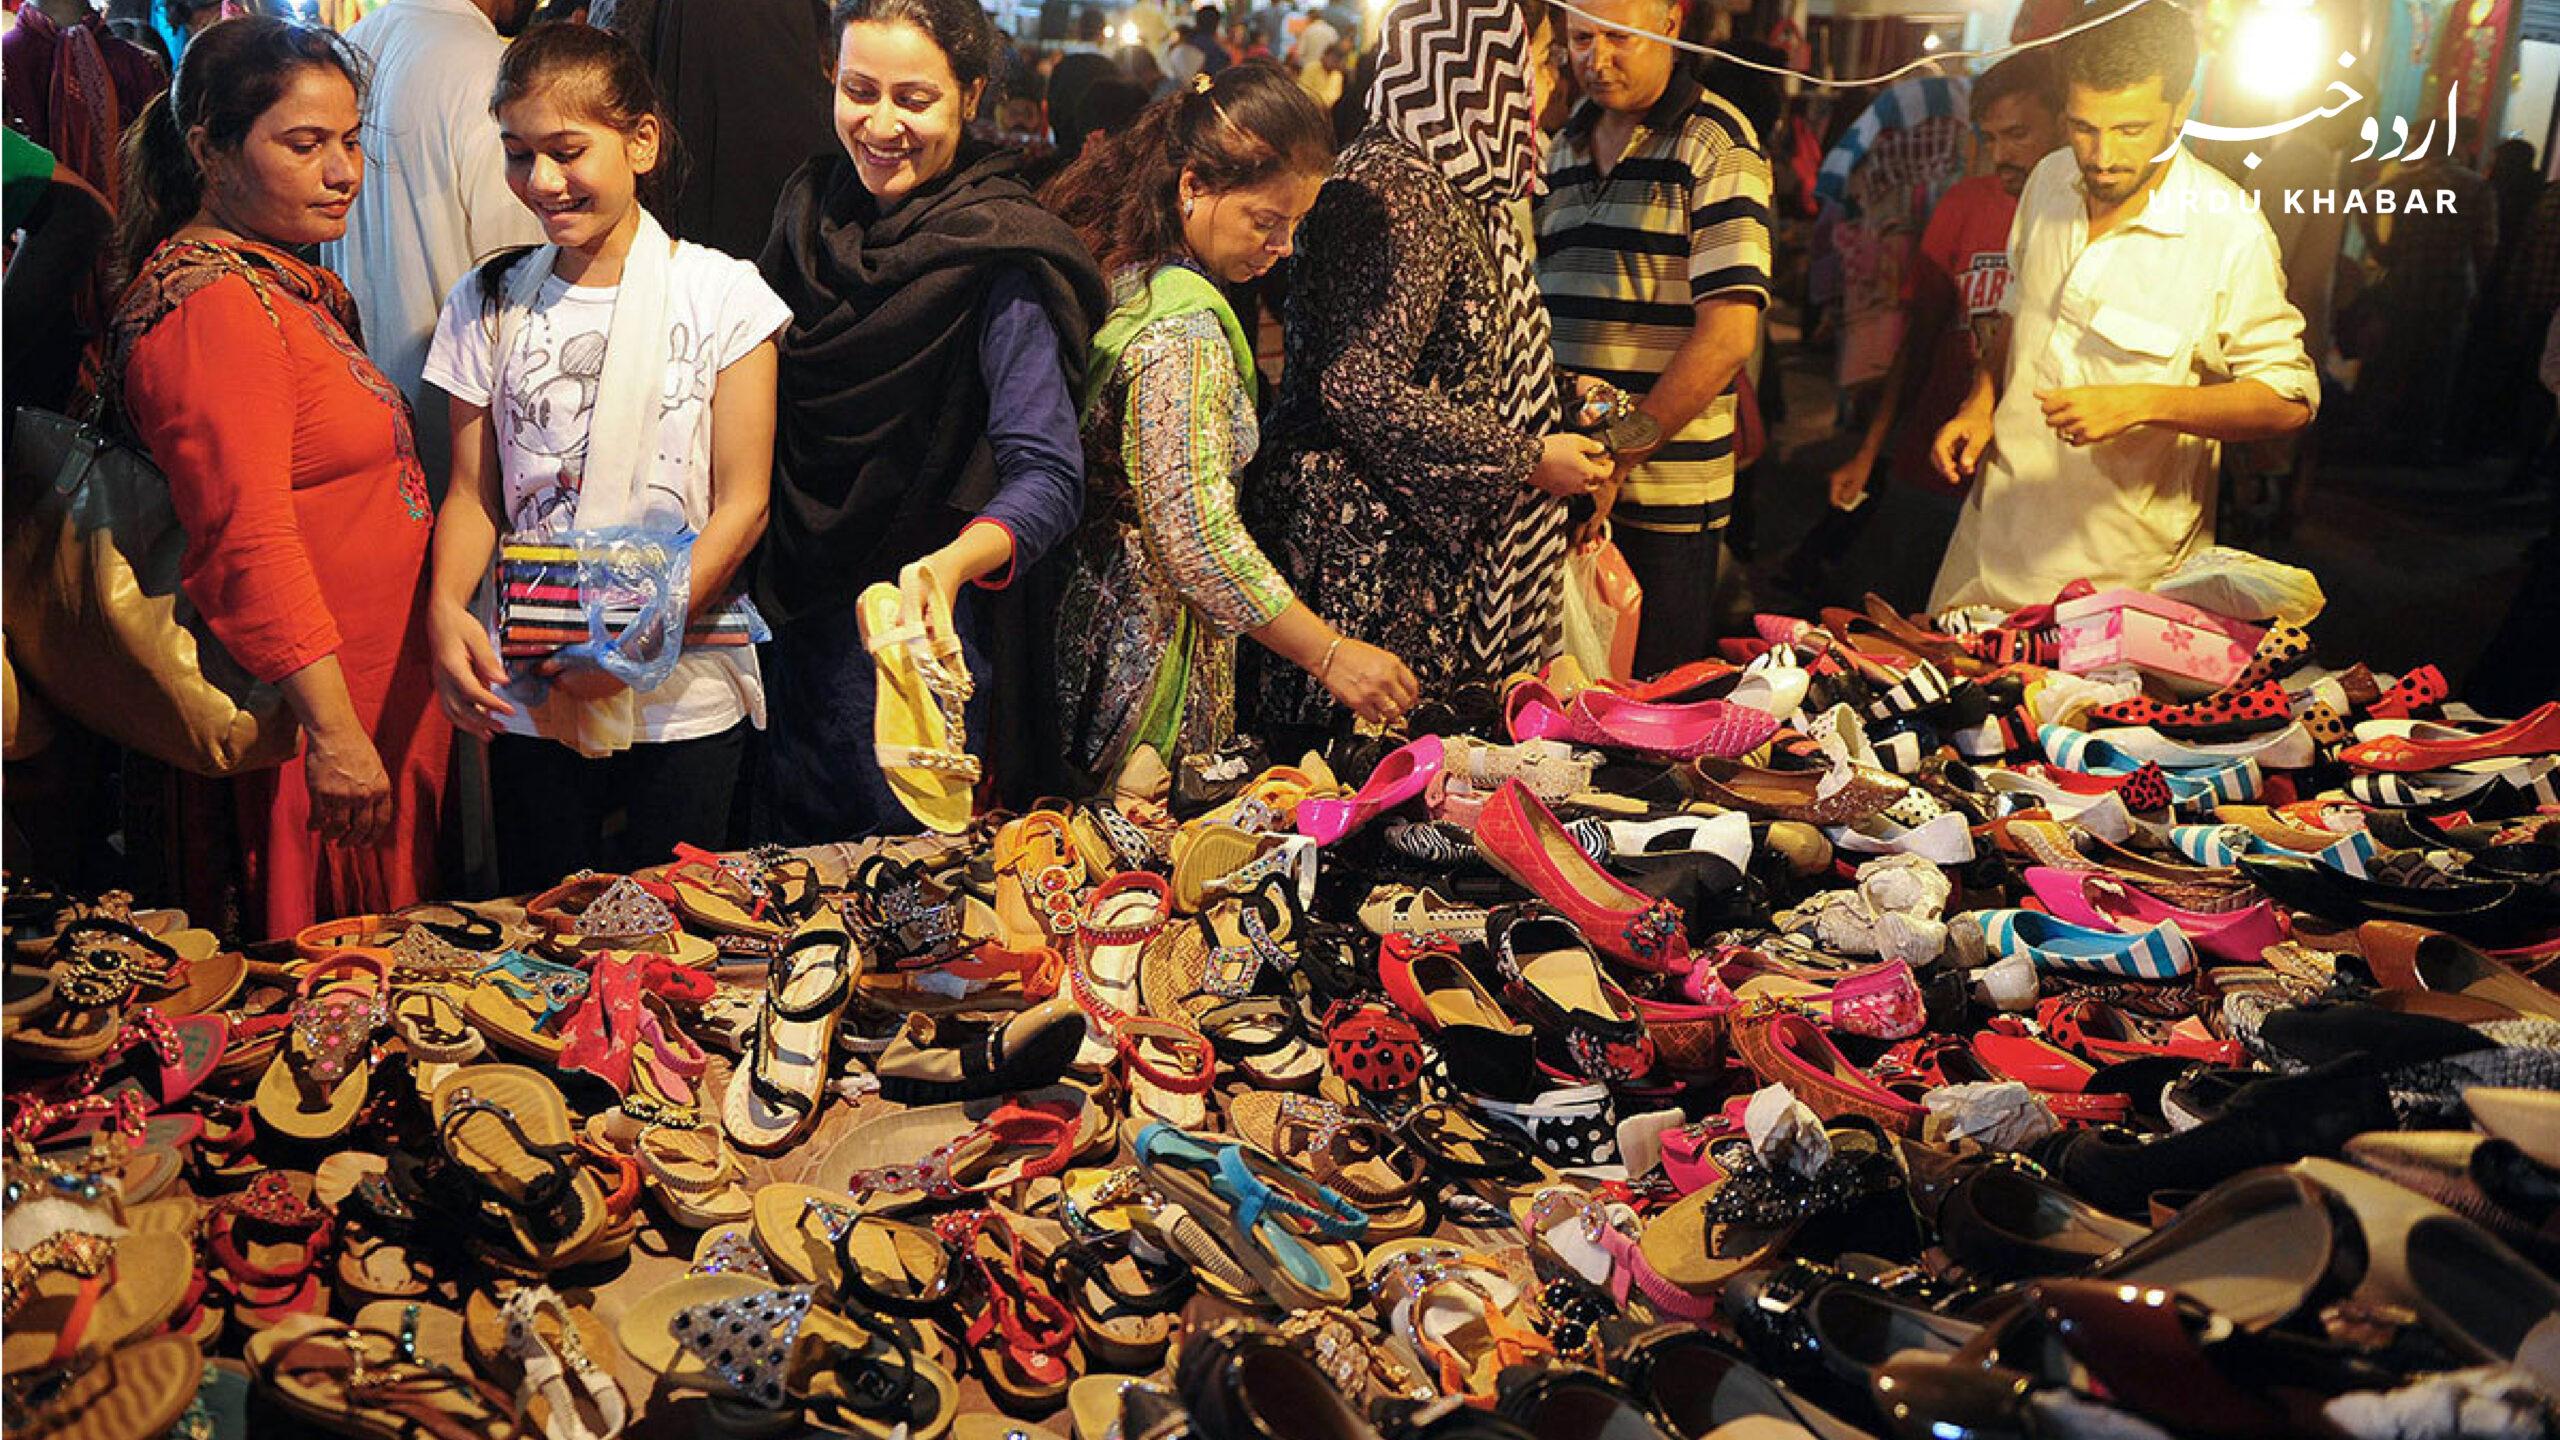 کراچی میں عید کا کاروبار تیس بلین روپے سے زائد، کاروباری طبقہ پھر بھی ناخوش